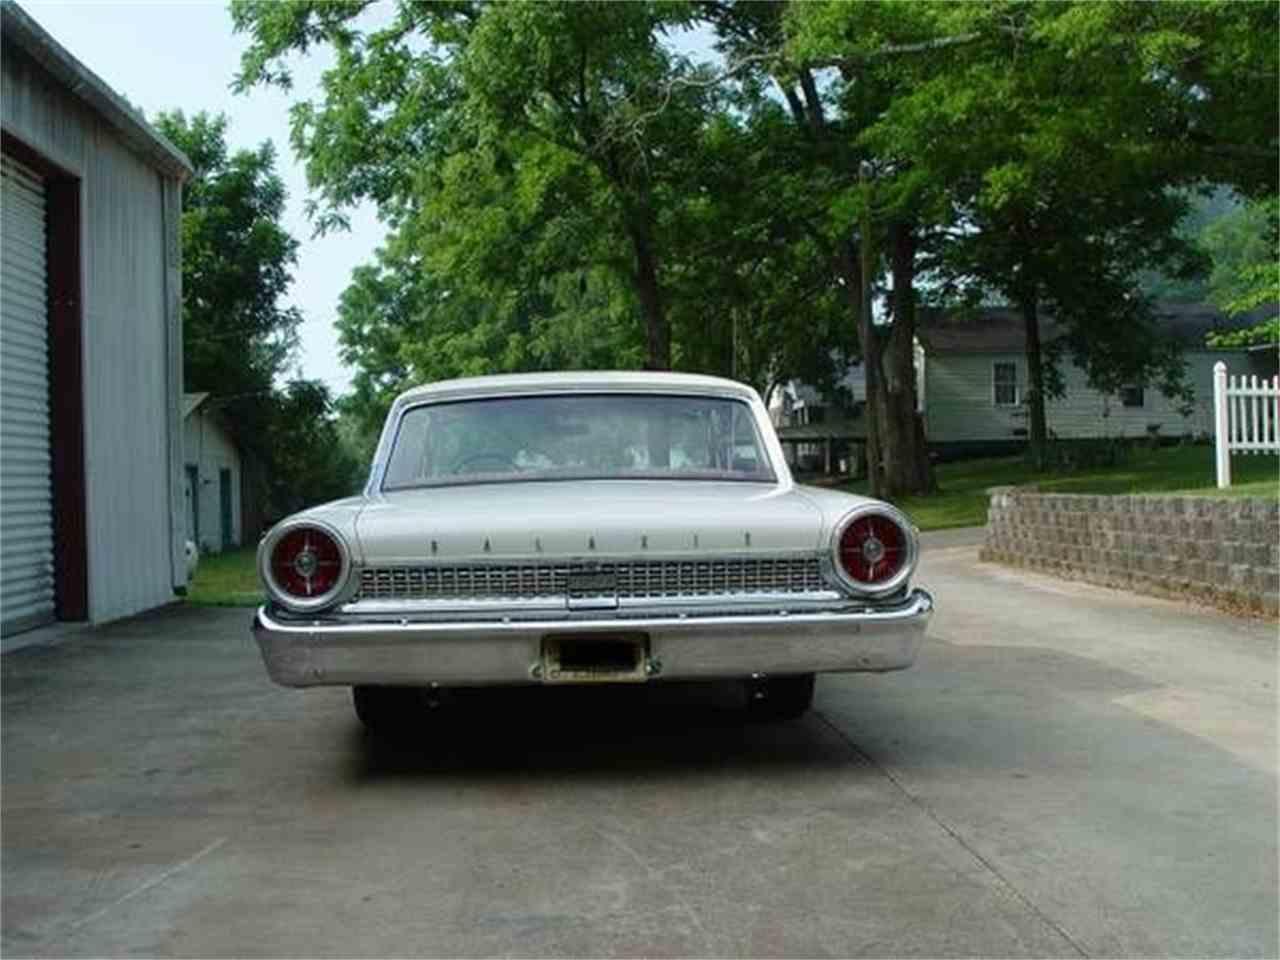 1963 ford galaxie 289 - Photo 2